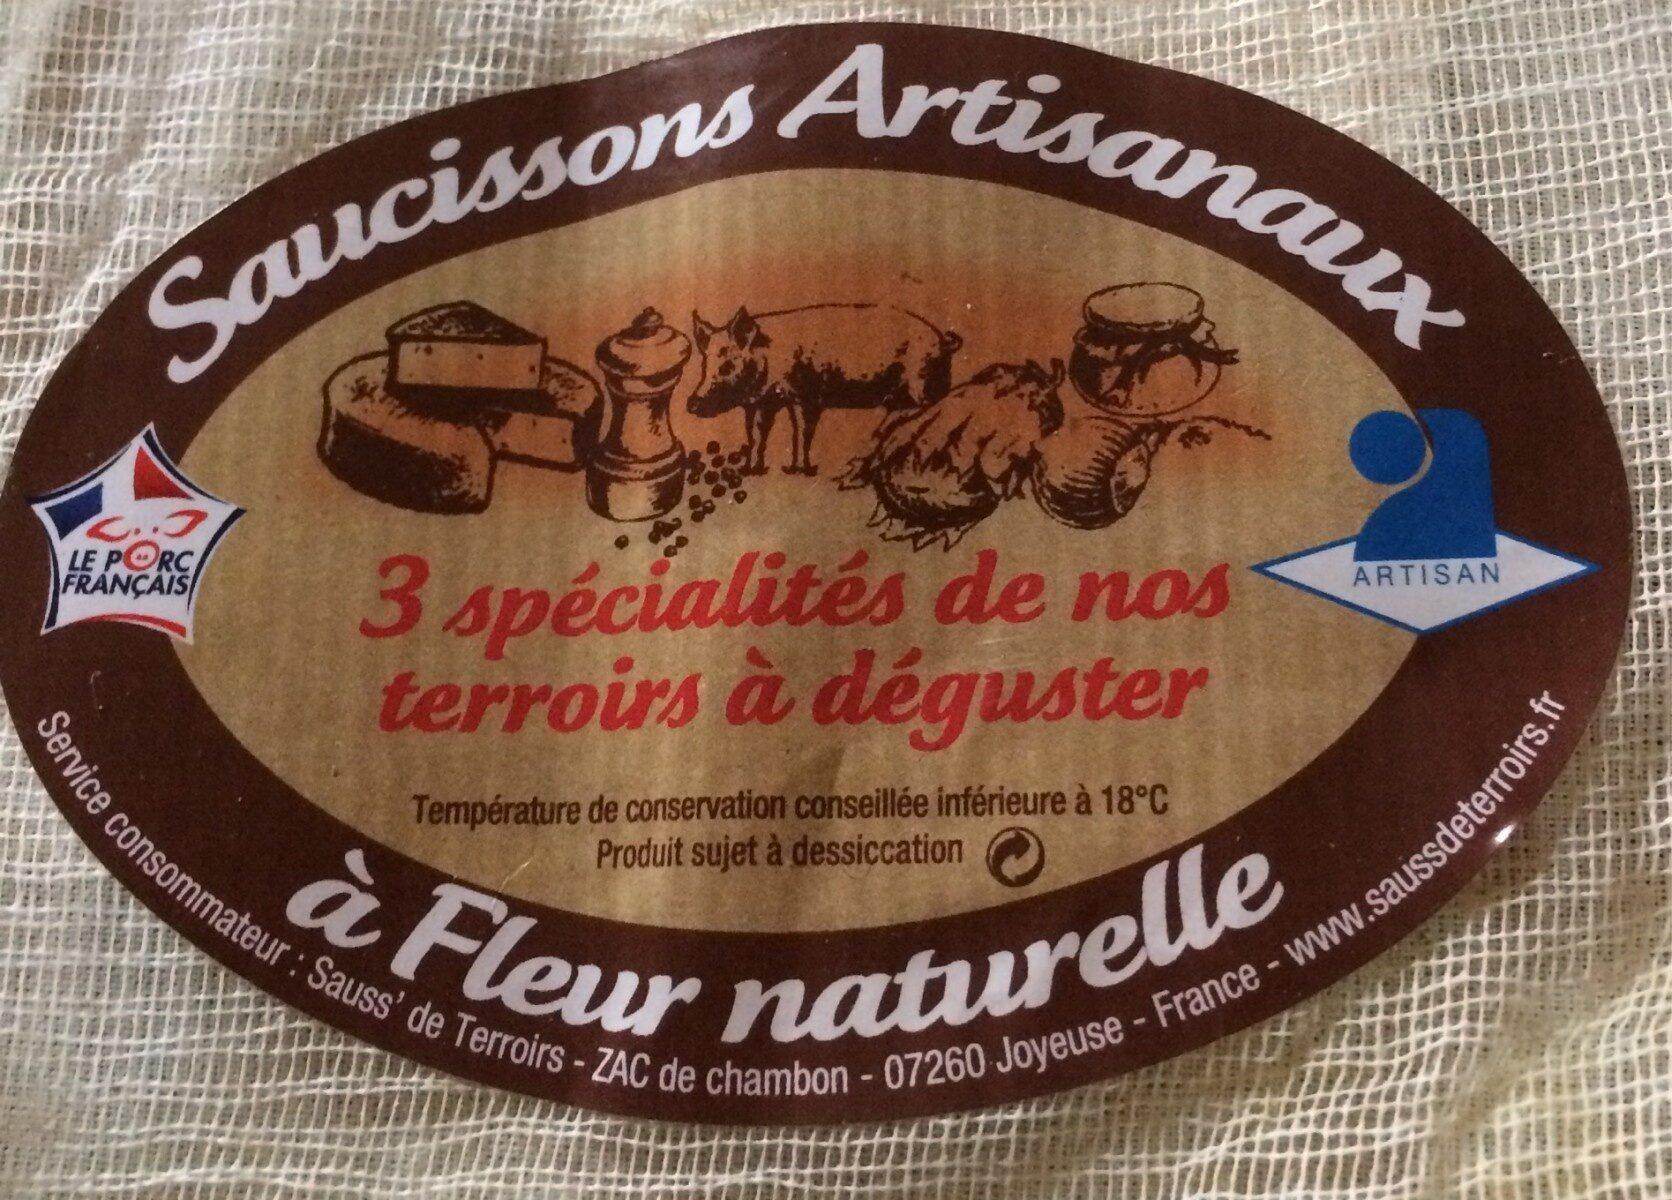 Saucissons artisanaux a Fleur naturelle - Product